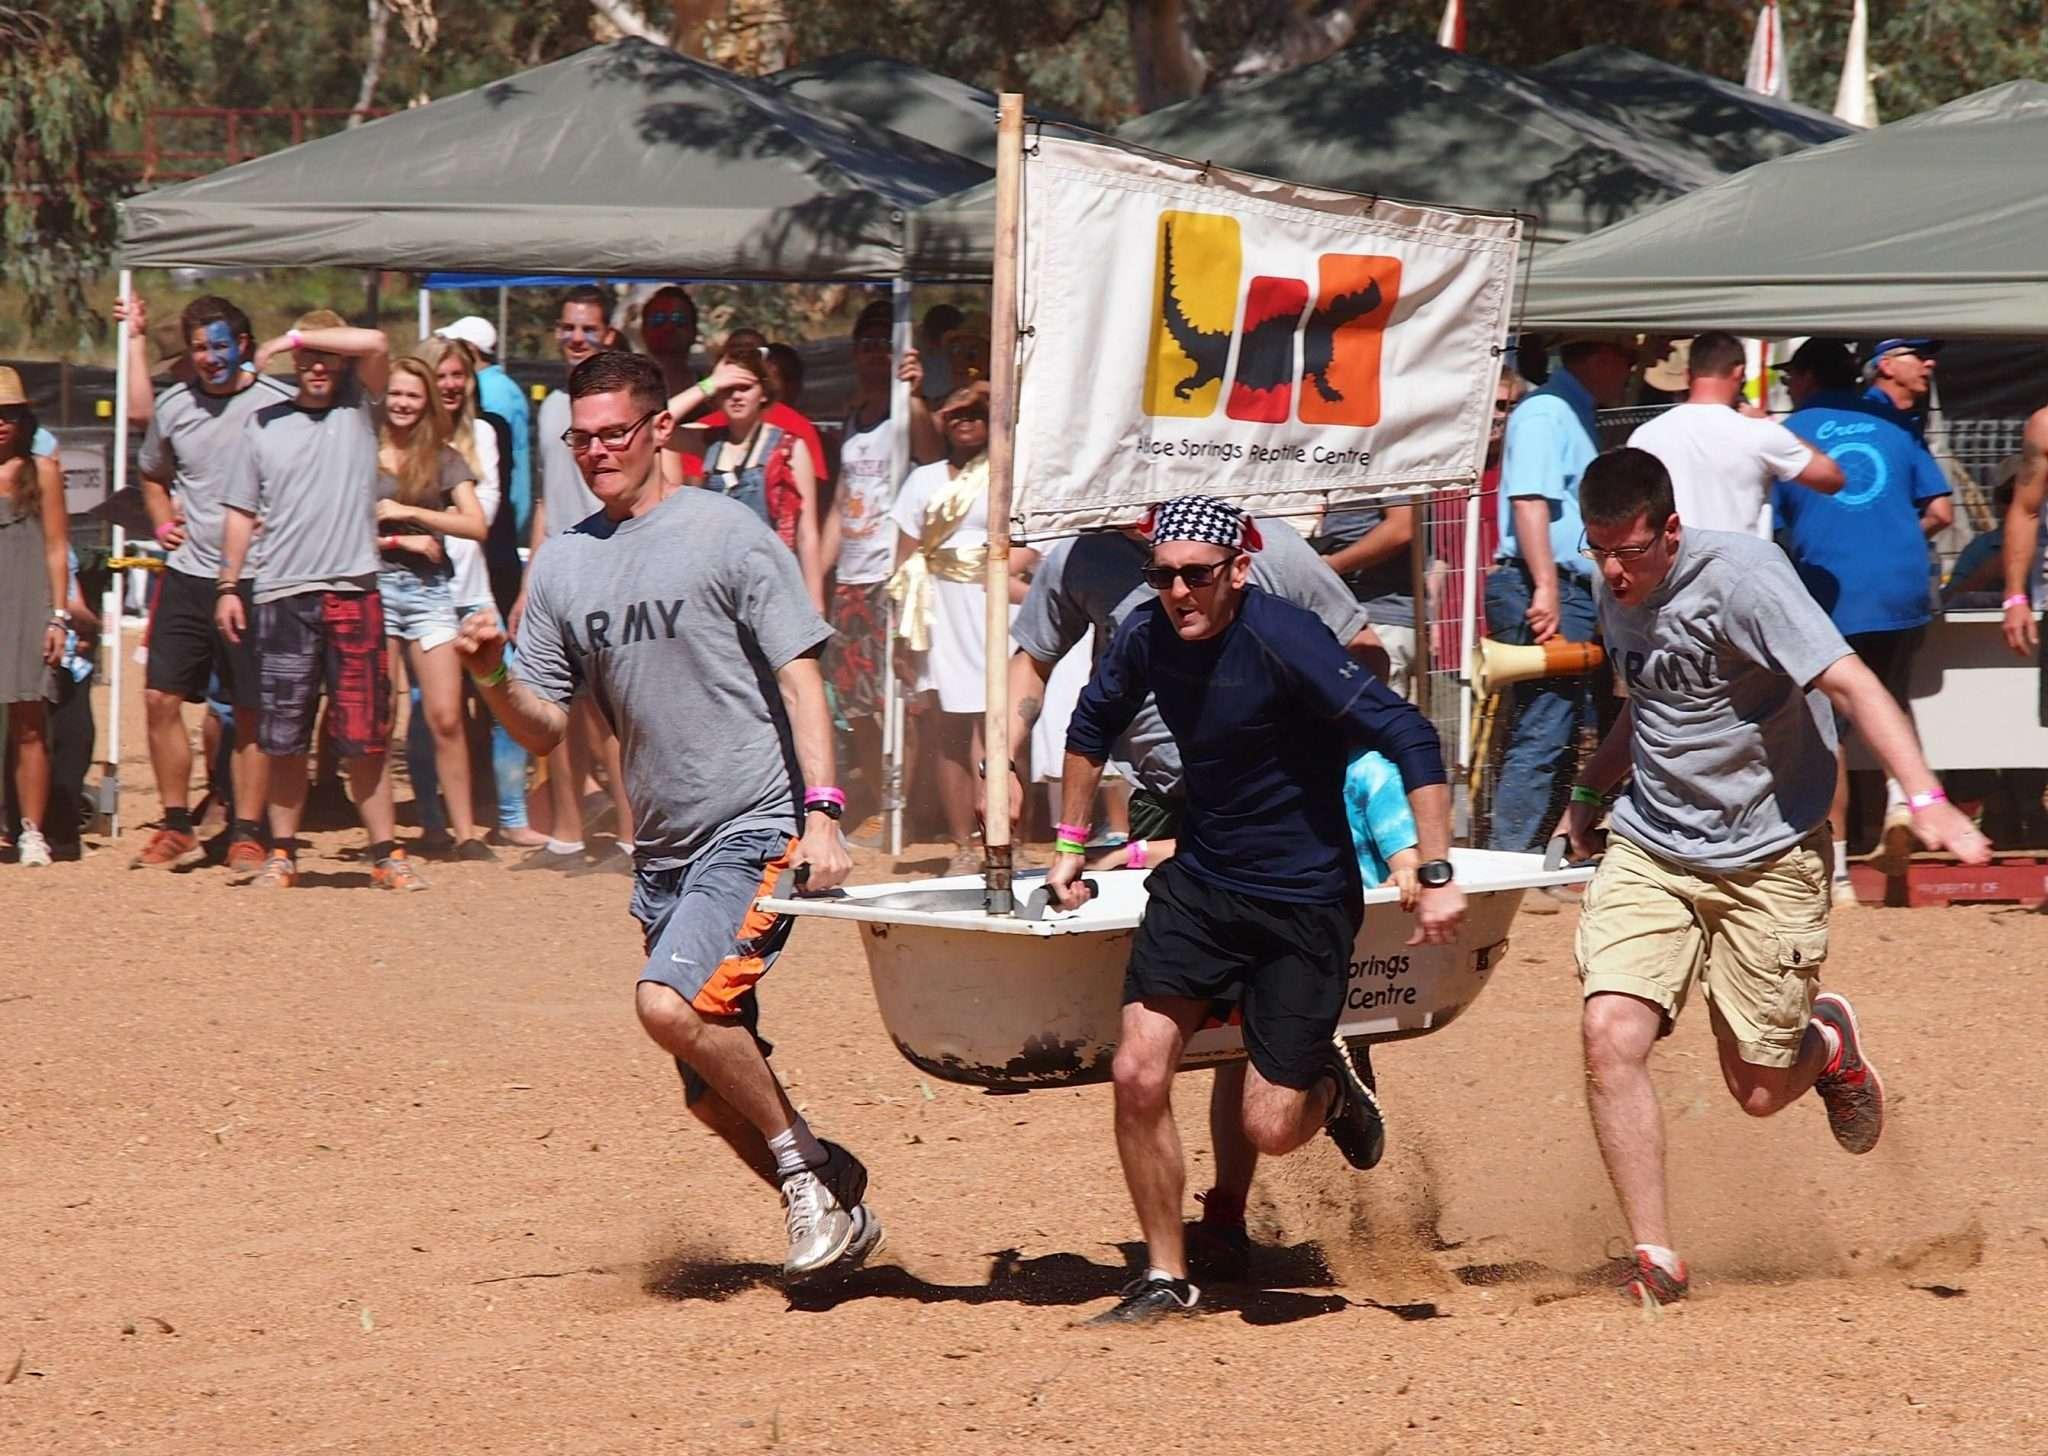 Một chiếc thuyền bồn tắm đang tham gia cuộc đua